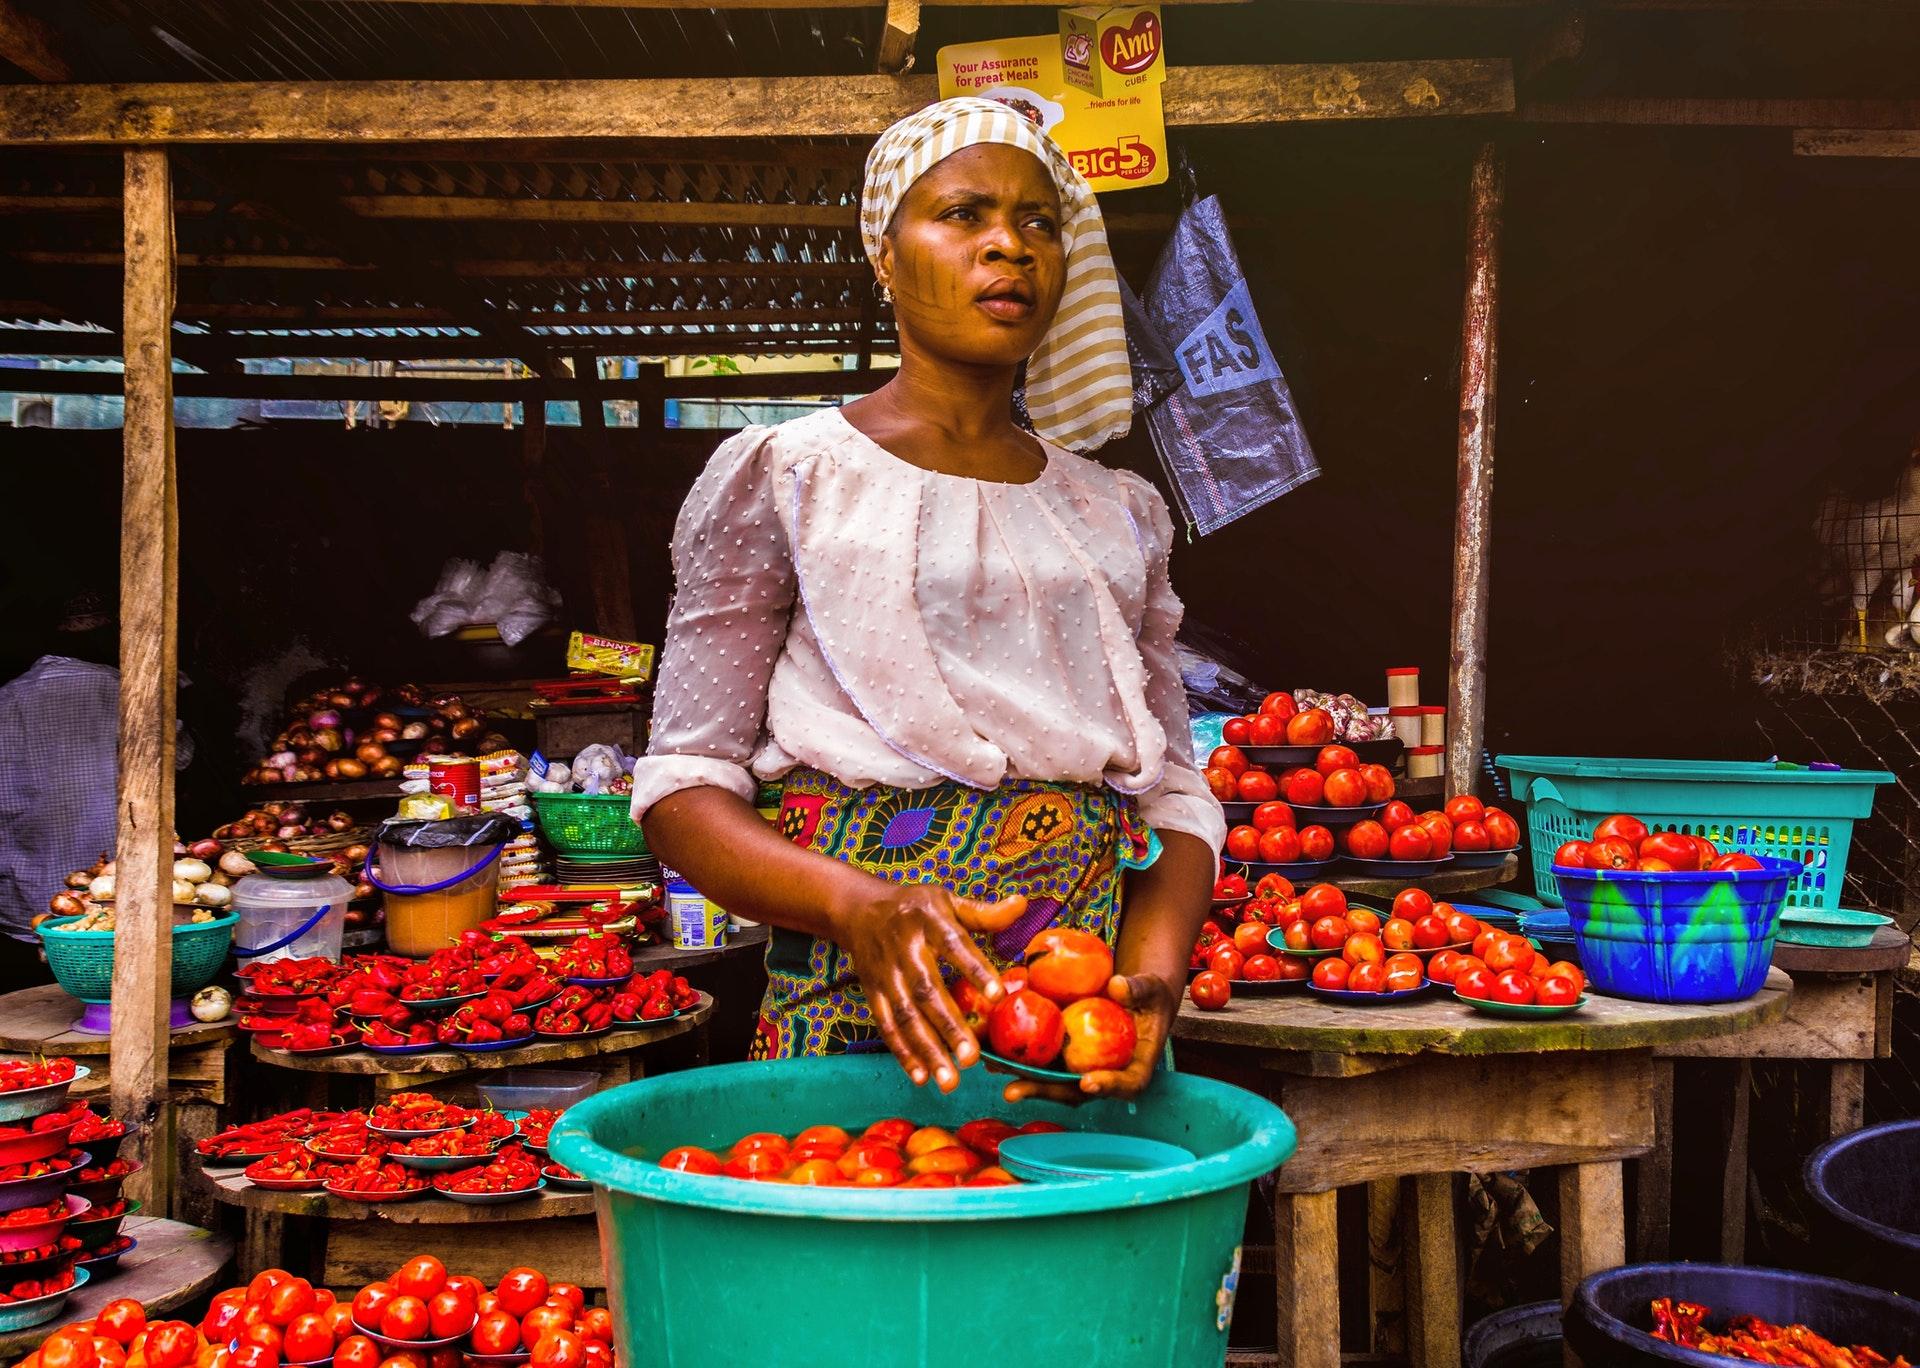 Vemos uma vendedora de frutas em uma rua (imagem ilustrativa). Texto: tipos de empresas.